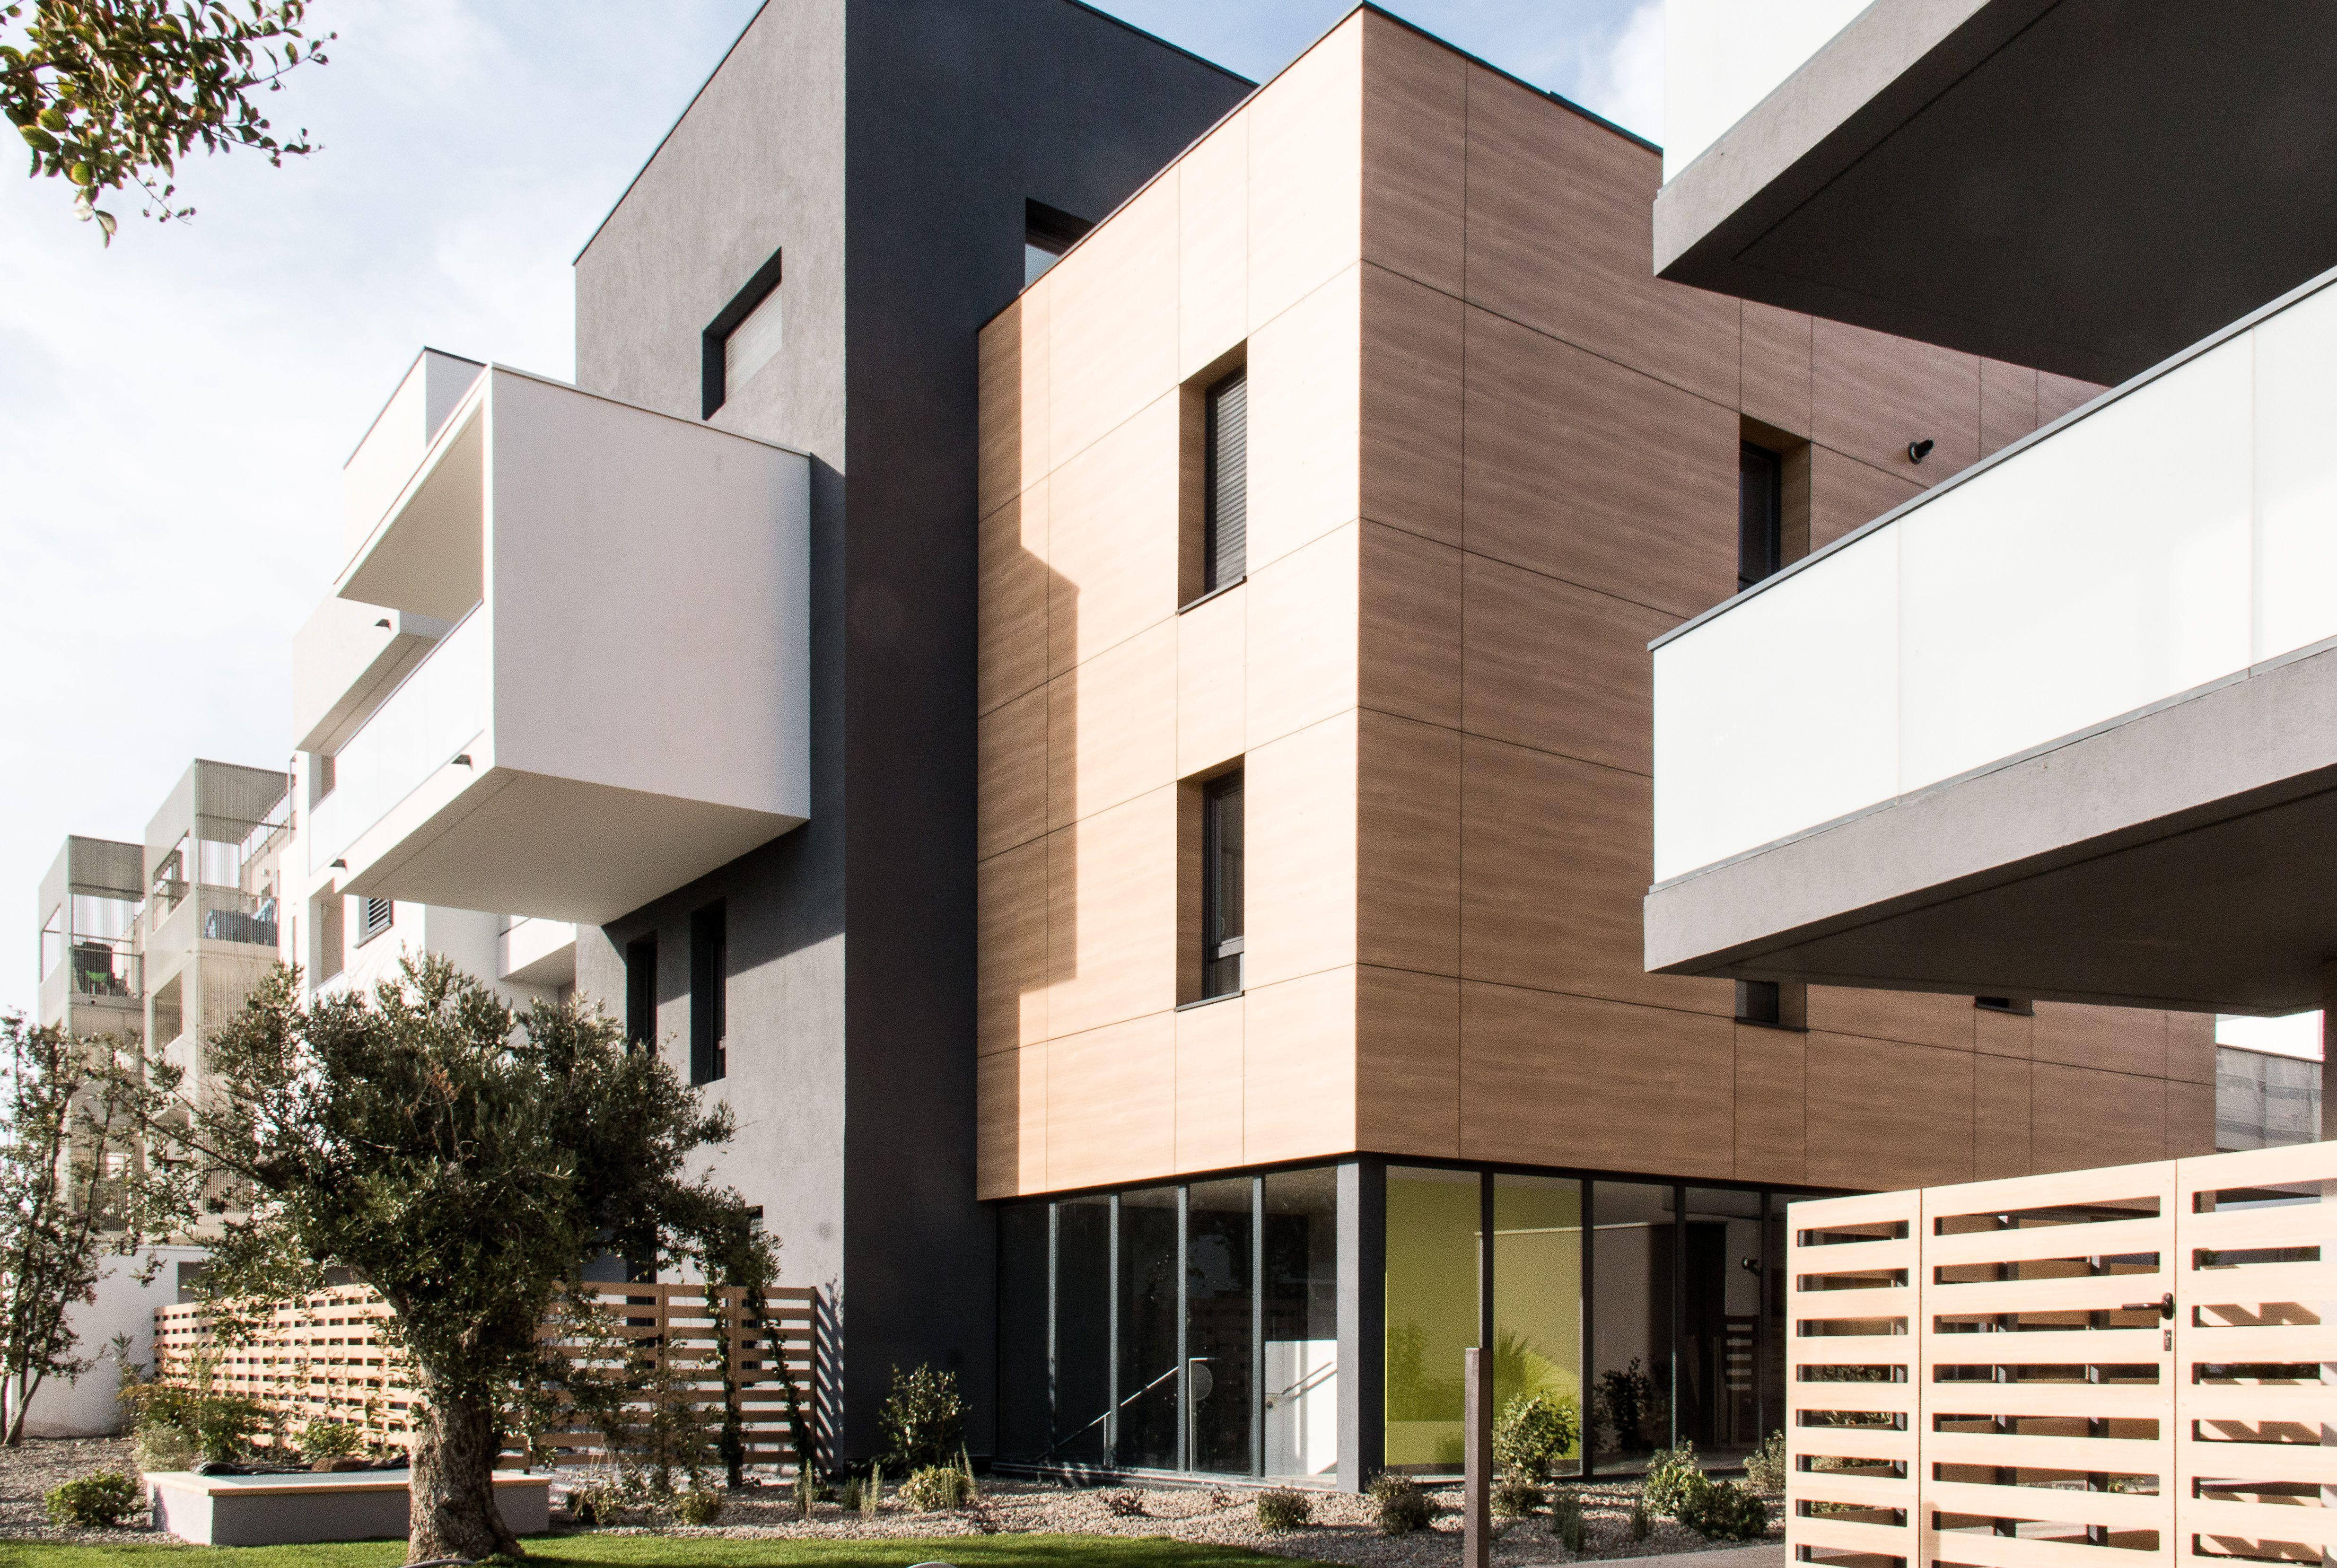 Green Village St Jean de Védas 09/2017 Maison style